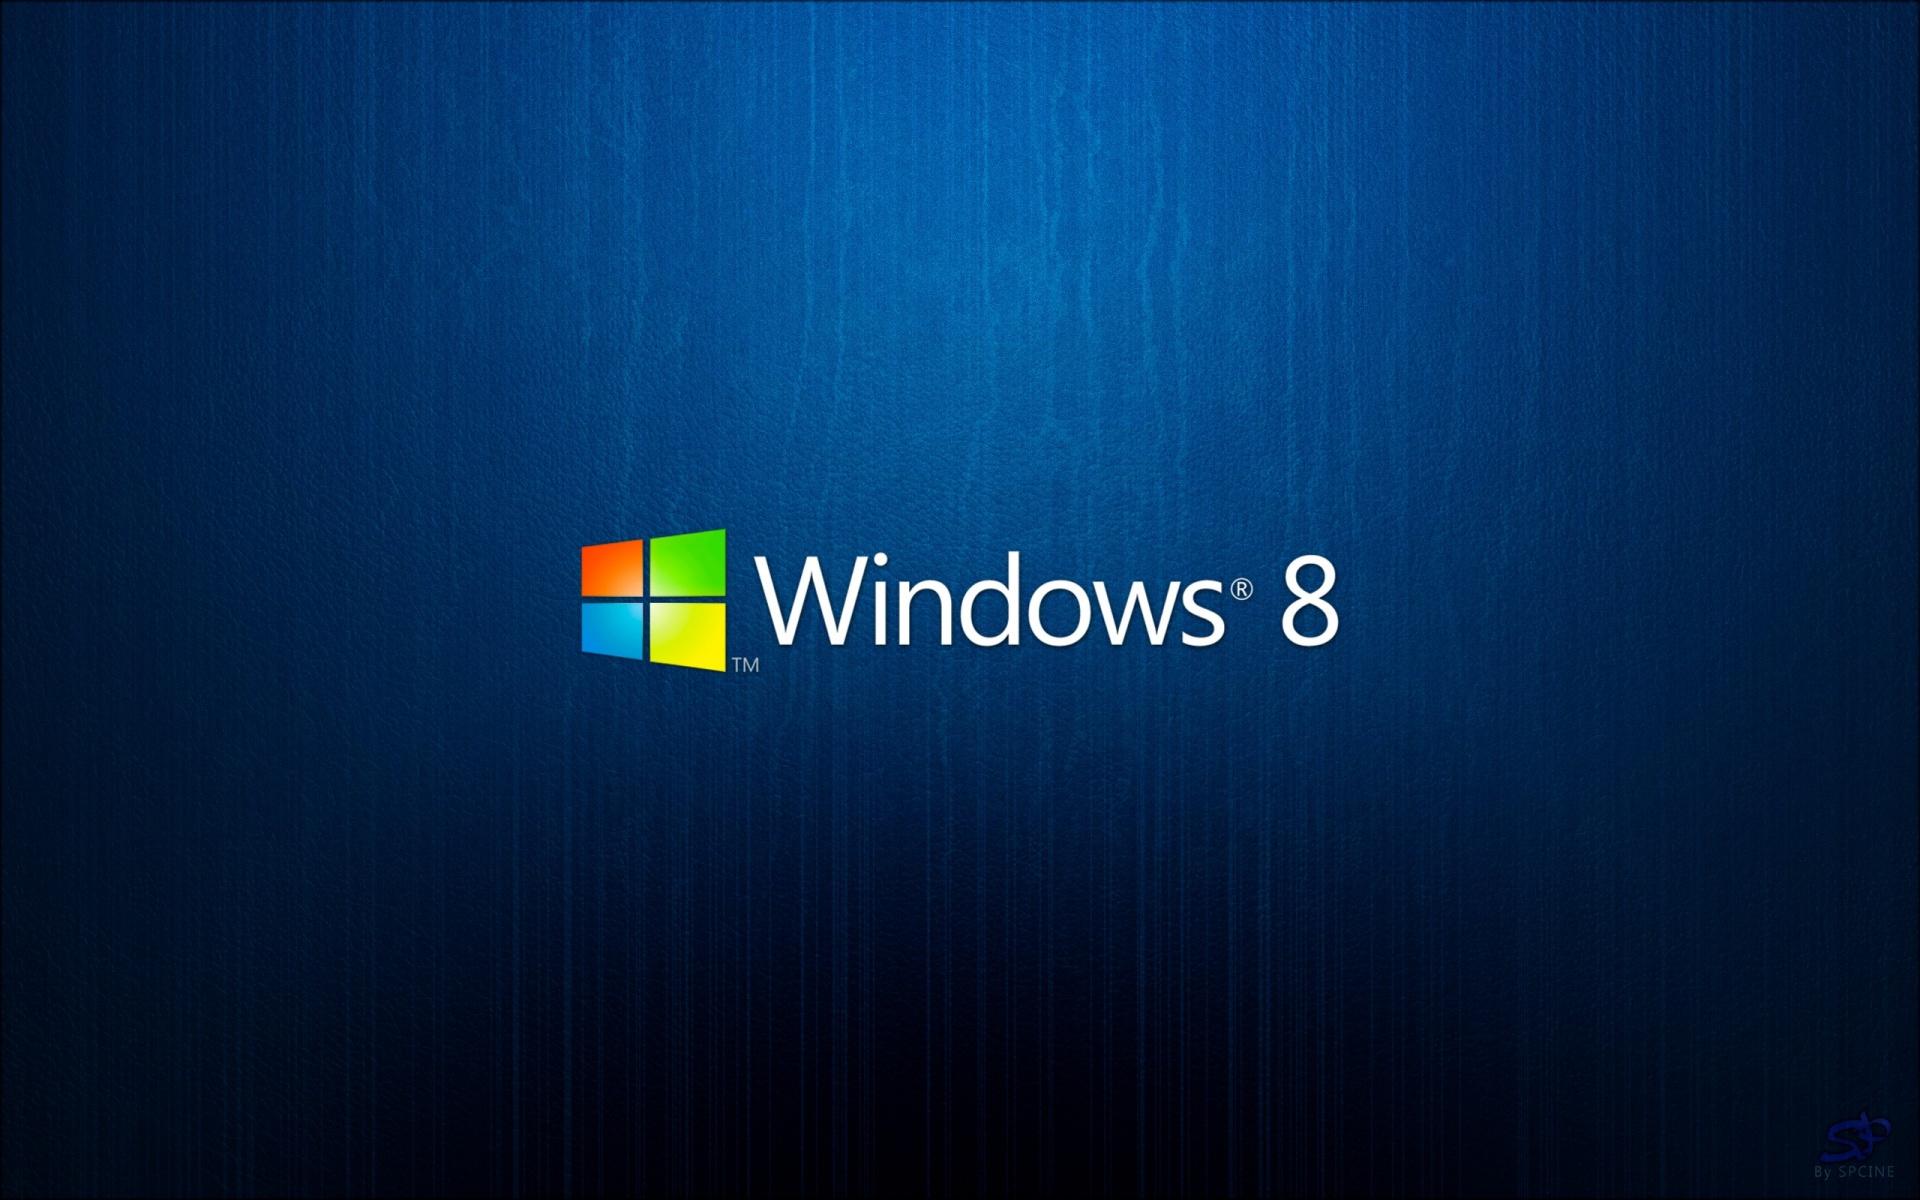 windows 8 wallpaperscomwallpaperswindows 8 logo wallpaper 1920x1200 1920x1200